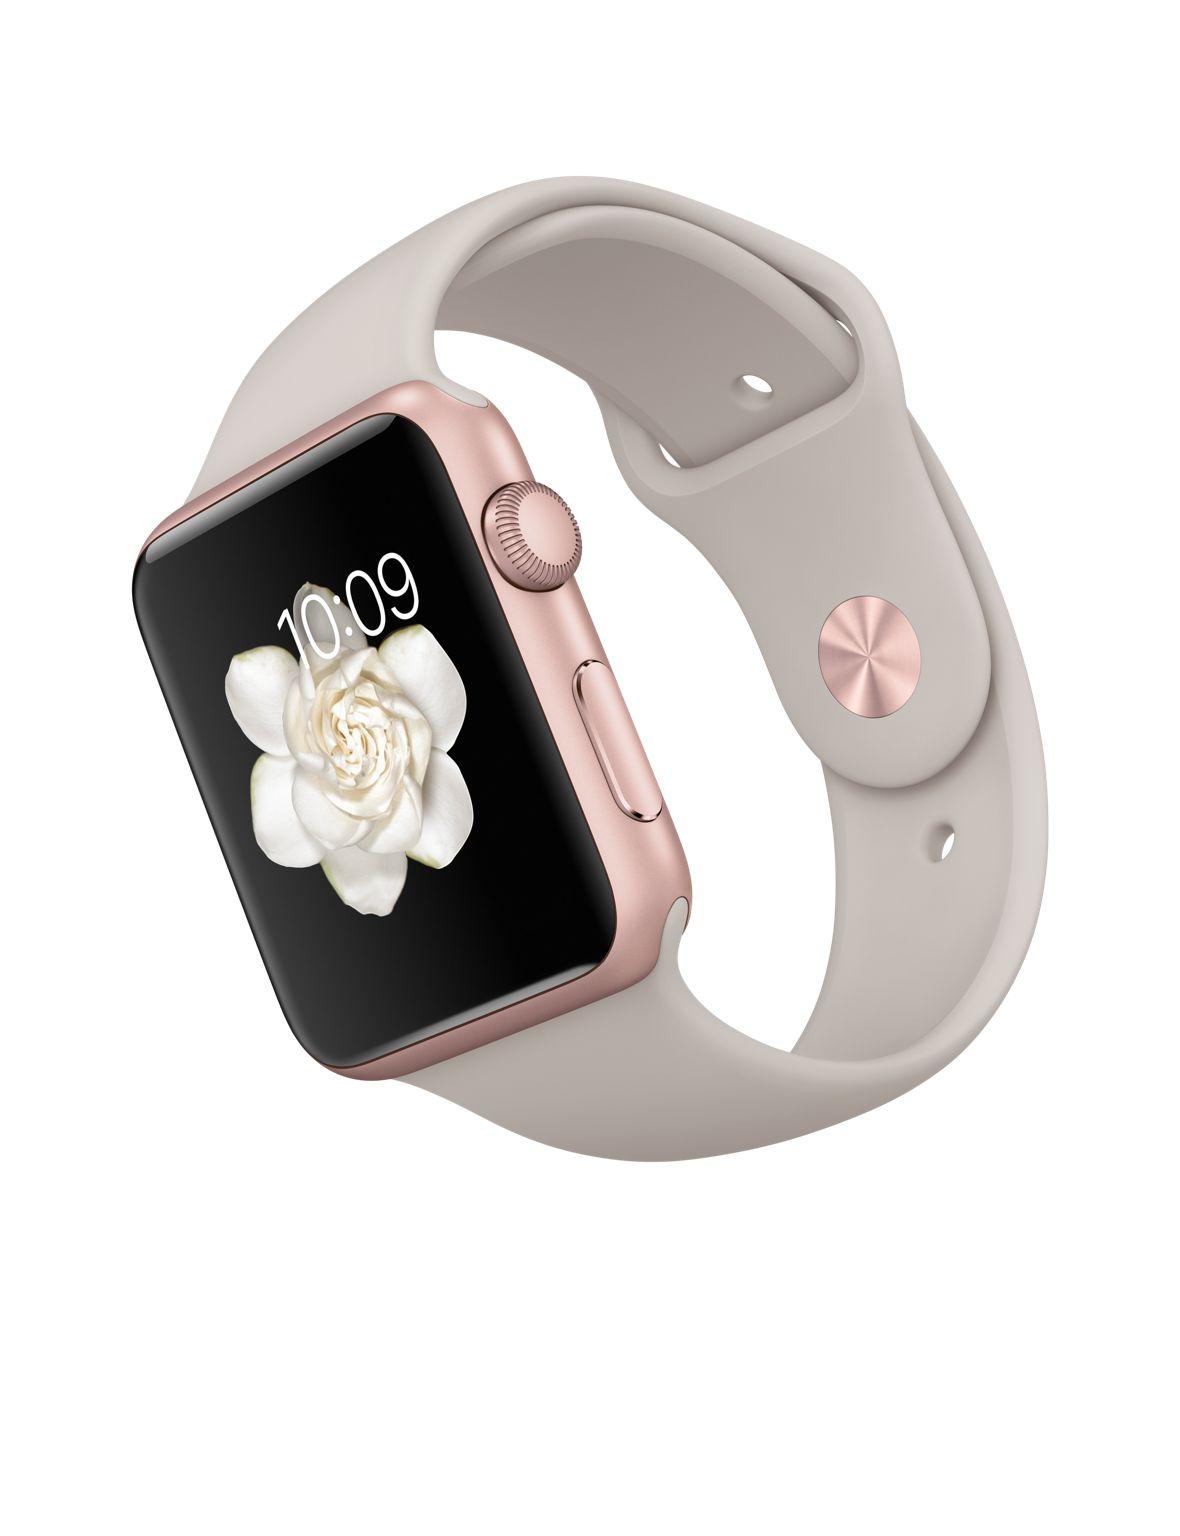 Часы представлены в двух размерах - 42 мм (цвета глубокий чёрный или розовое золото) и 46 мм (цвет серебристая сталь).